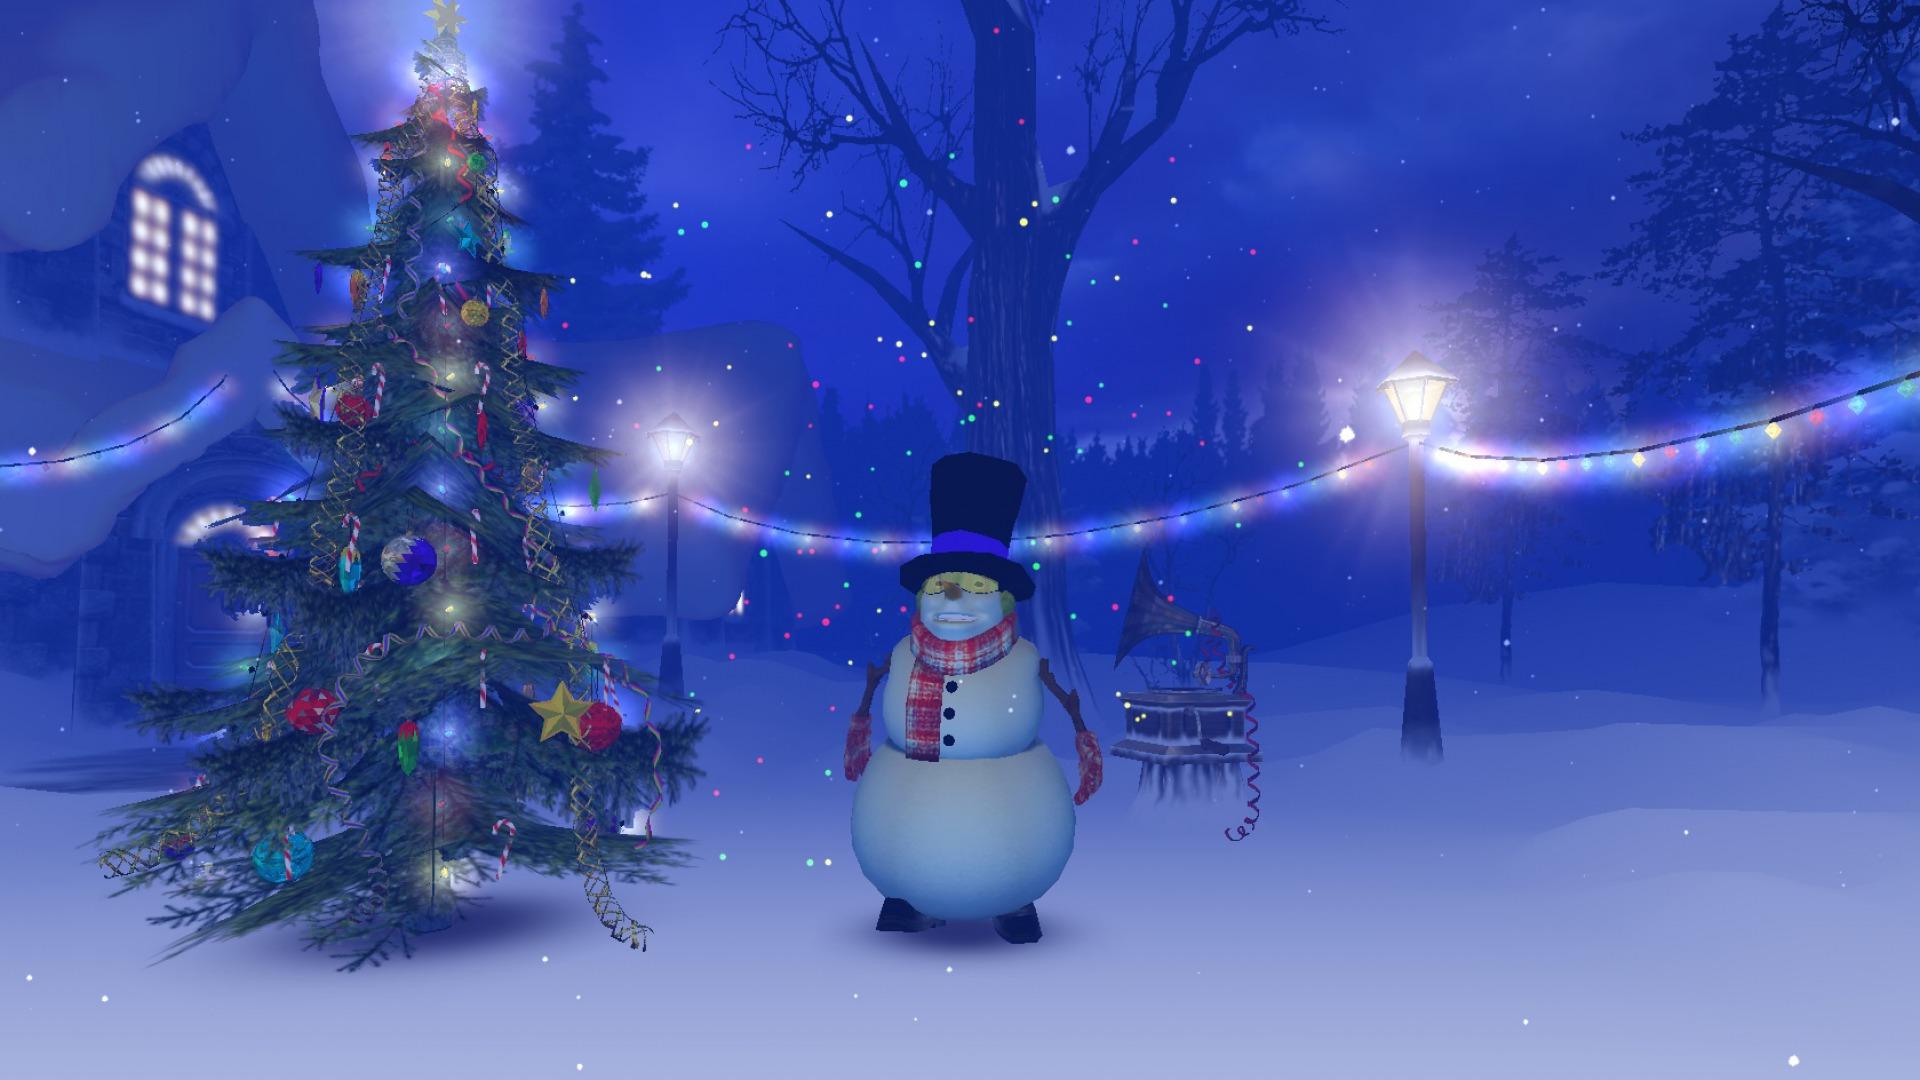 Bộ Sưu Tập Ảnh Giáng Sinh - Page 3 Christmas3d39